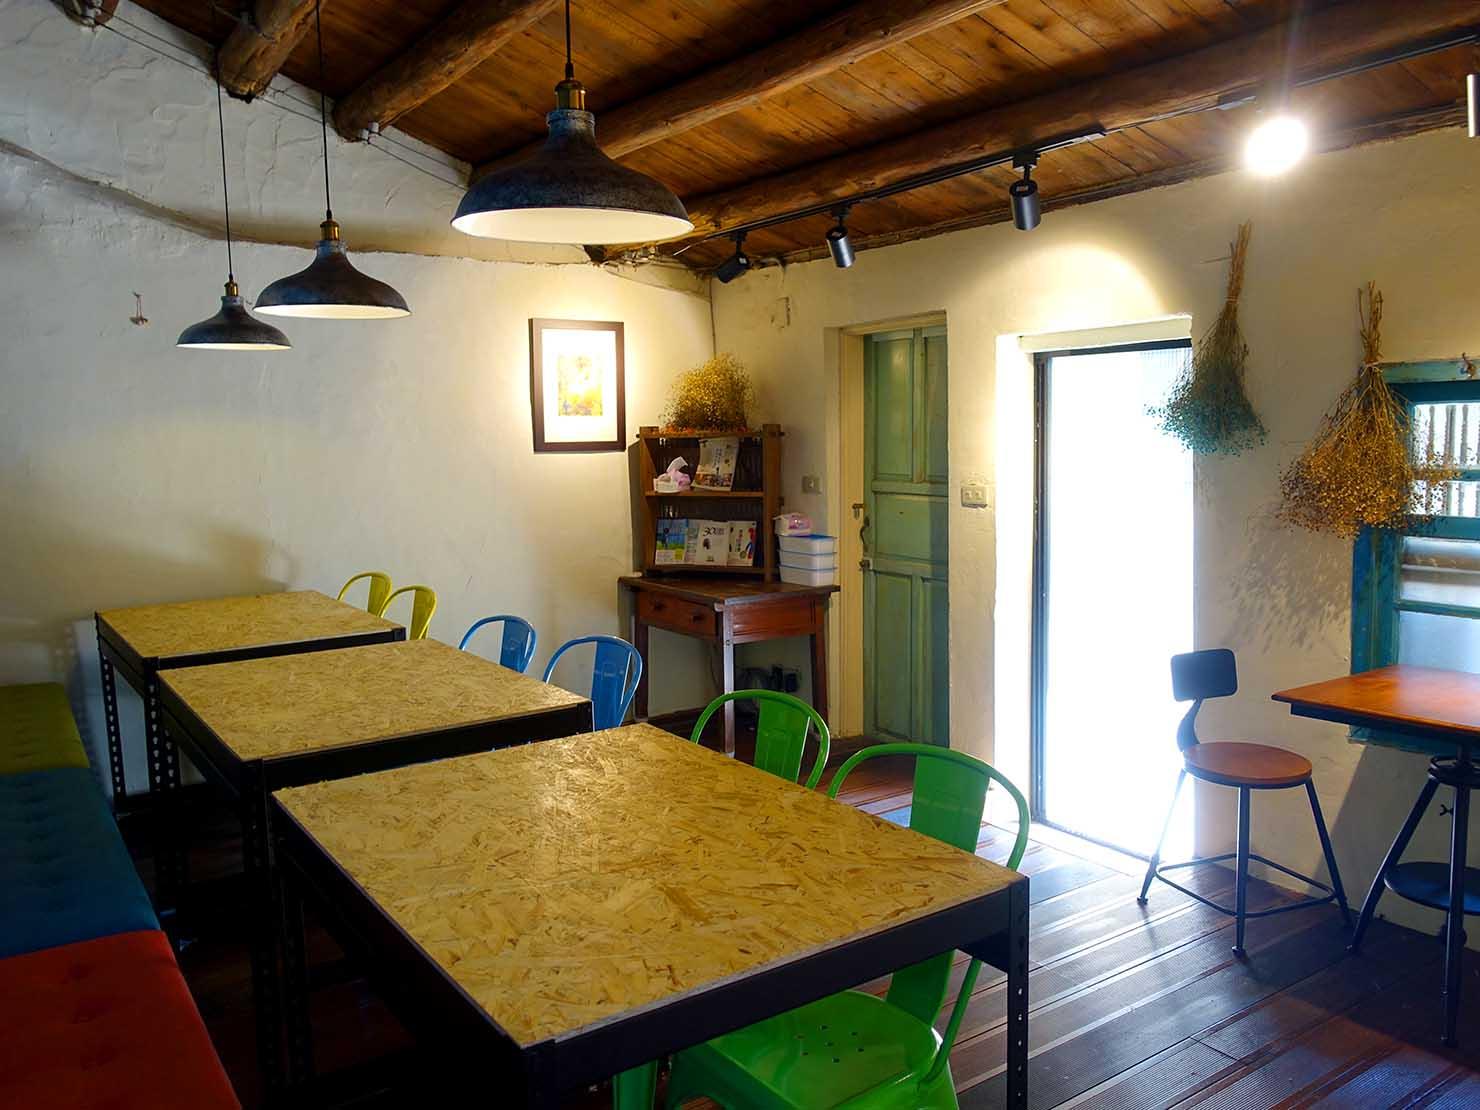 台北・九份の古民家カフェ「淂藝洋行」の屋内に並ぶテーブル席